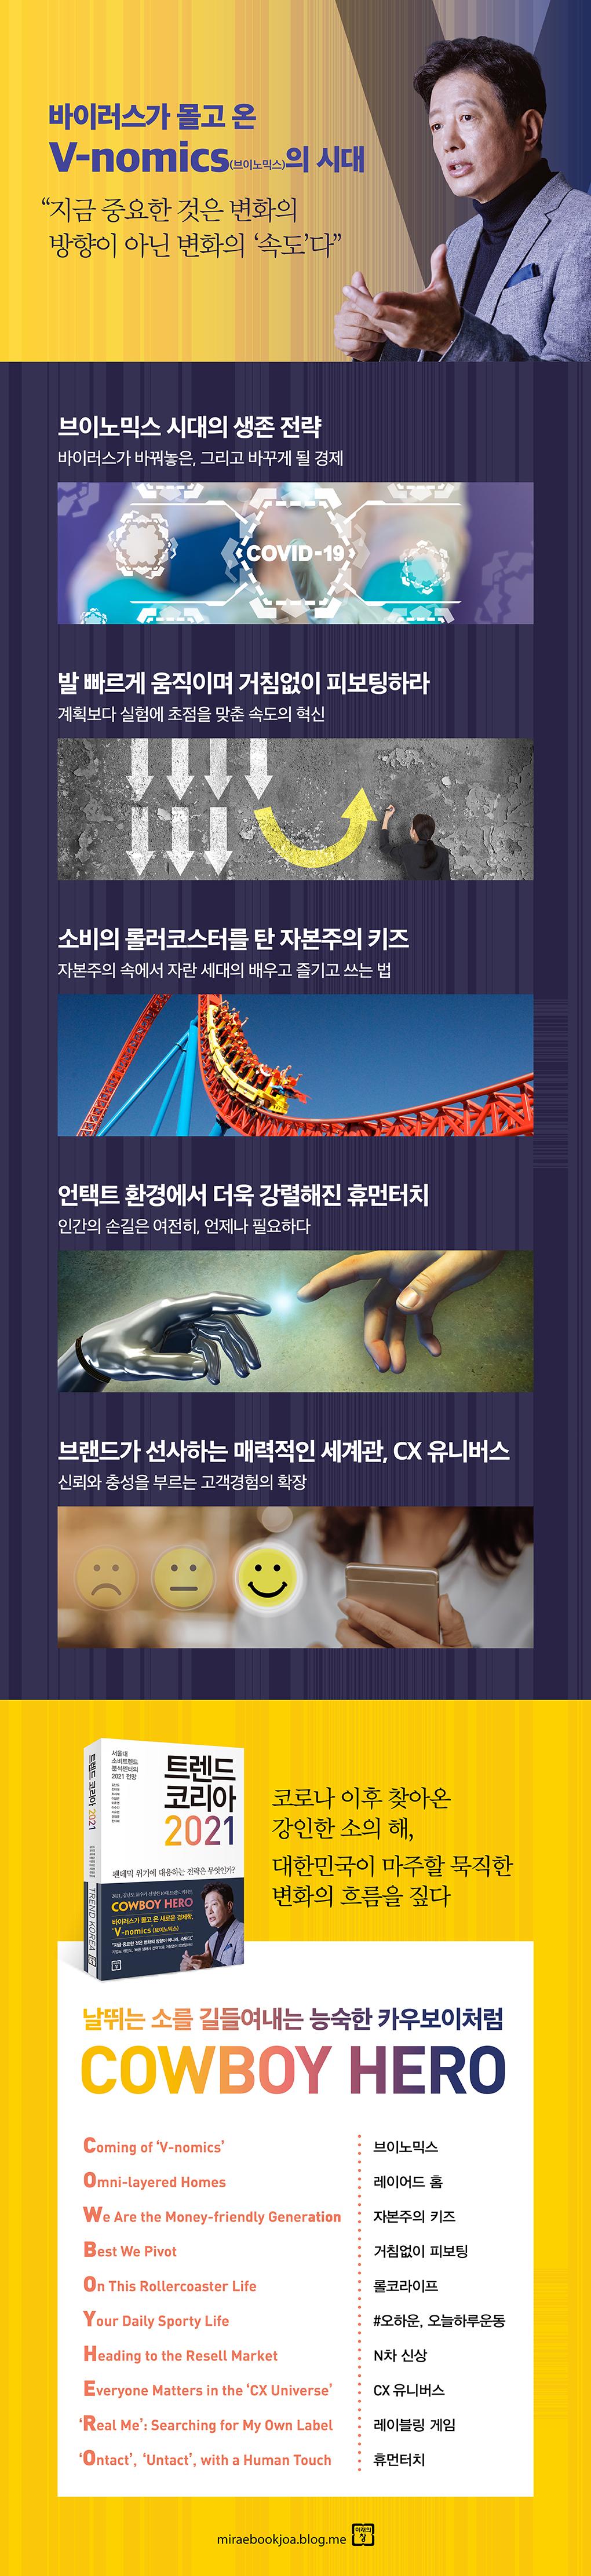 [11월] 트렌트 코리아 2021 상세이미지